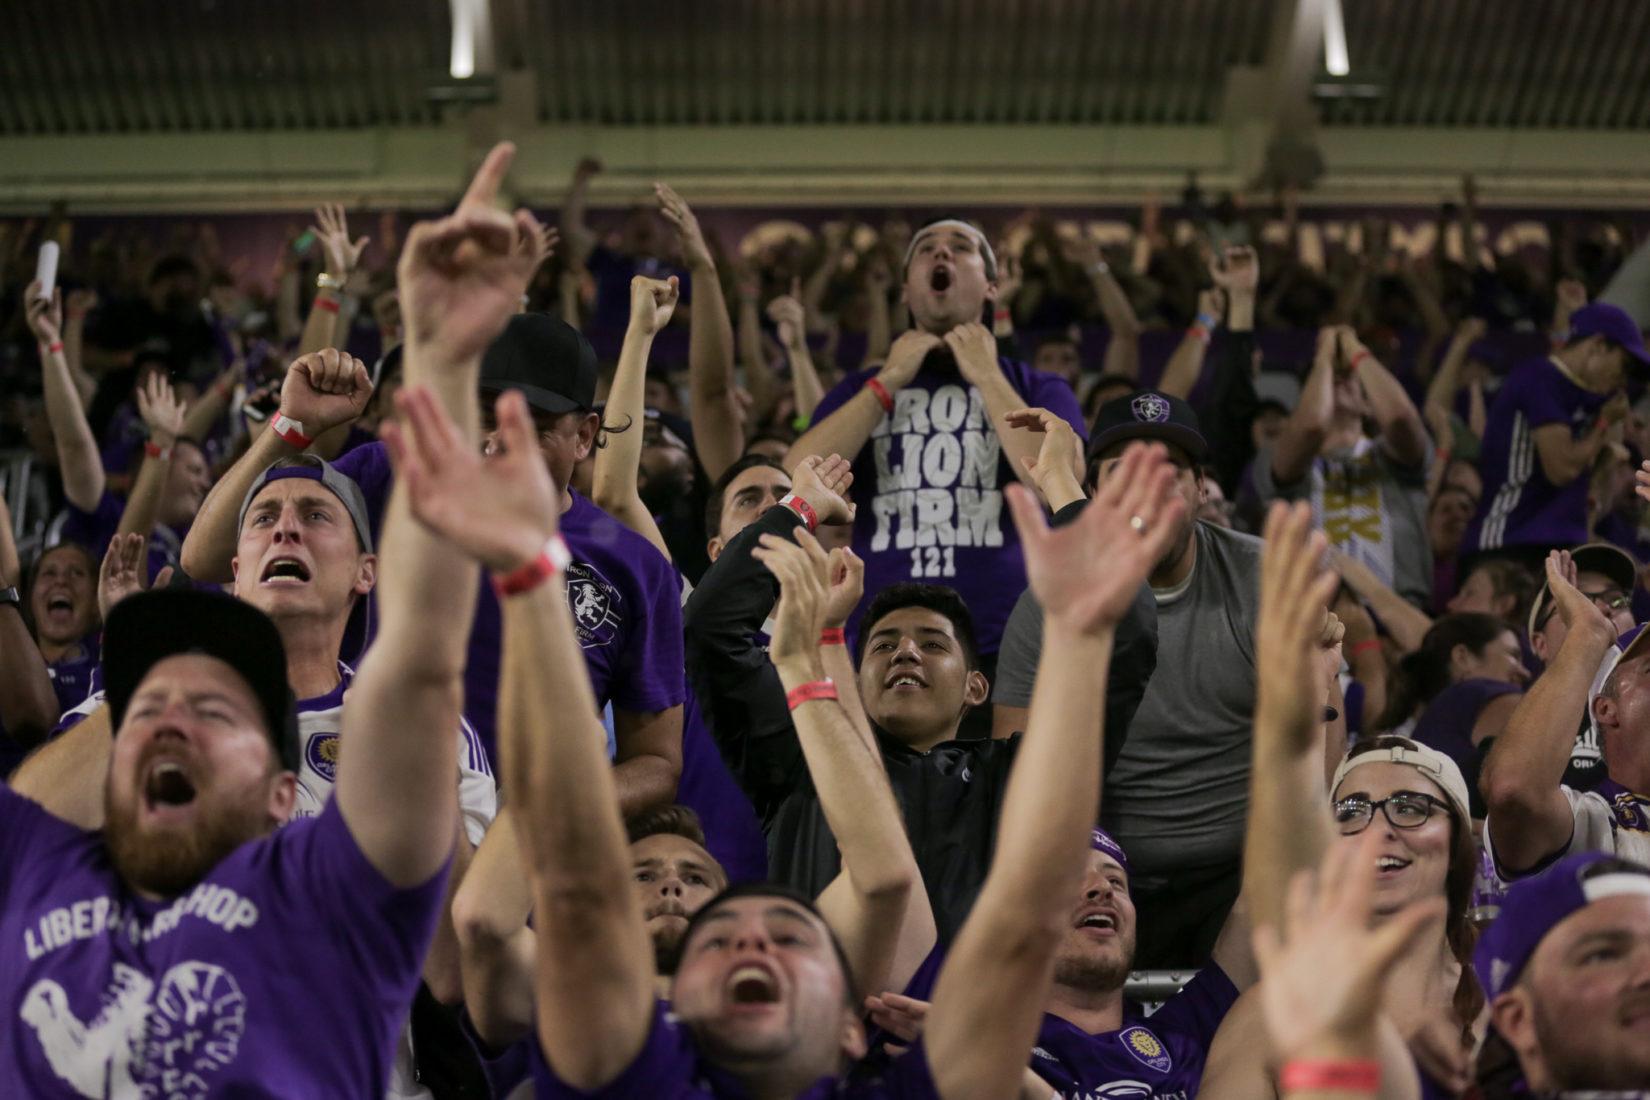 Orlando City Soccer Club Fans